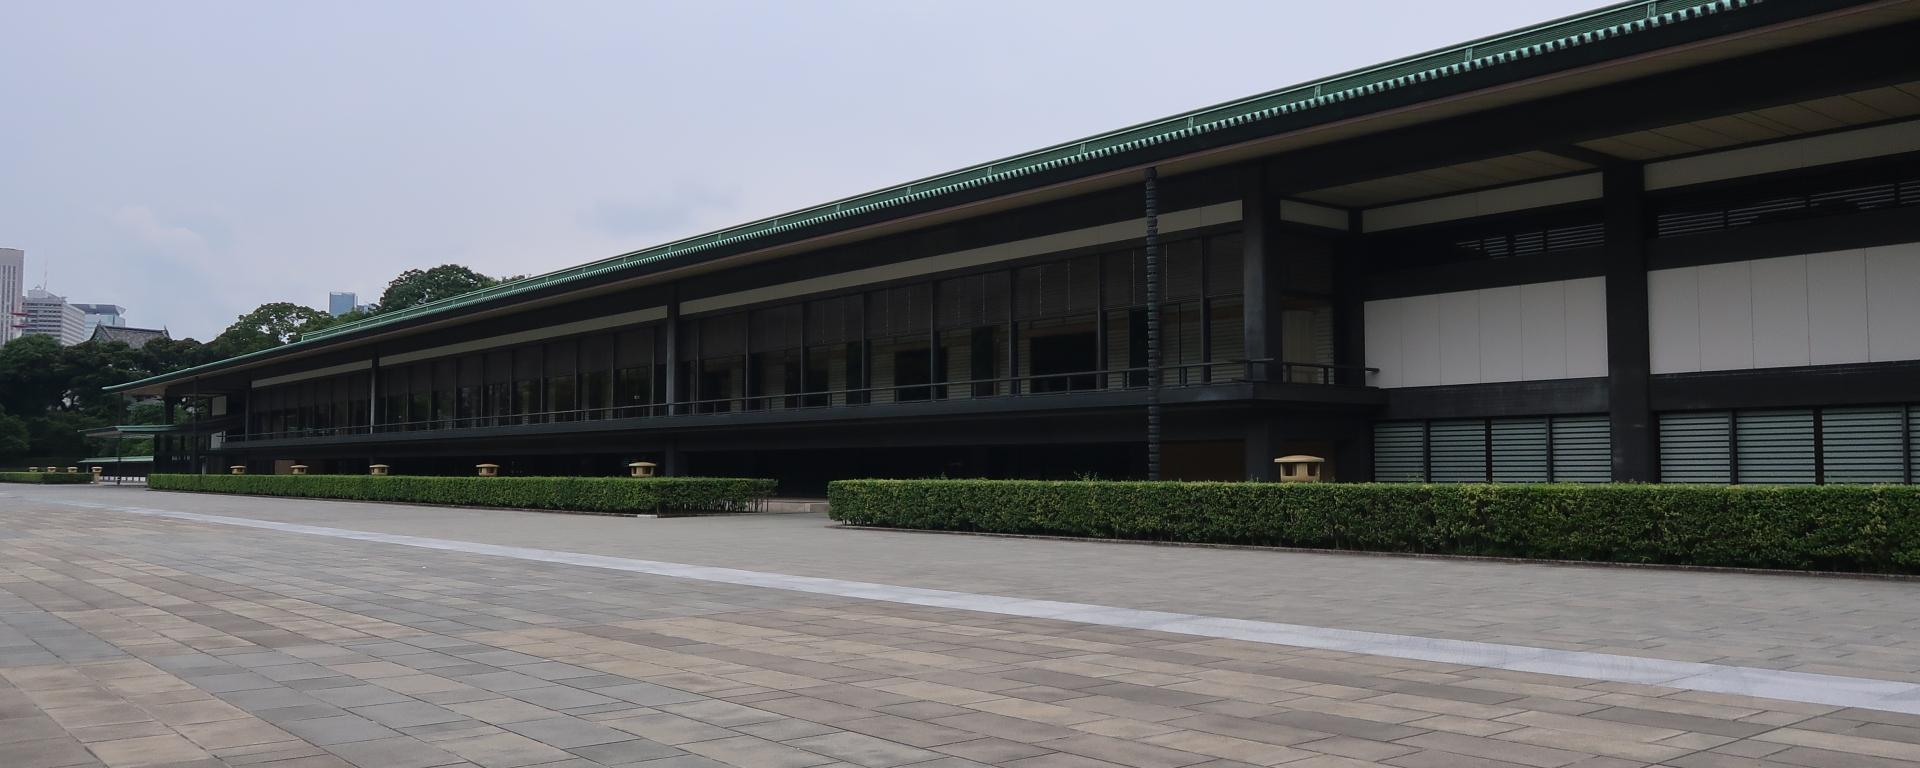 長和殿東庭 the east plaza in front of Chowaden Hall